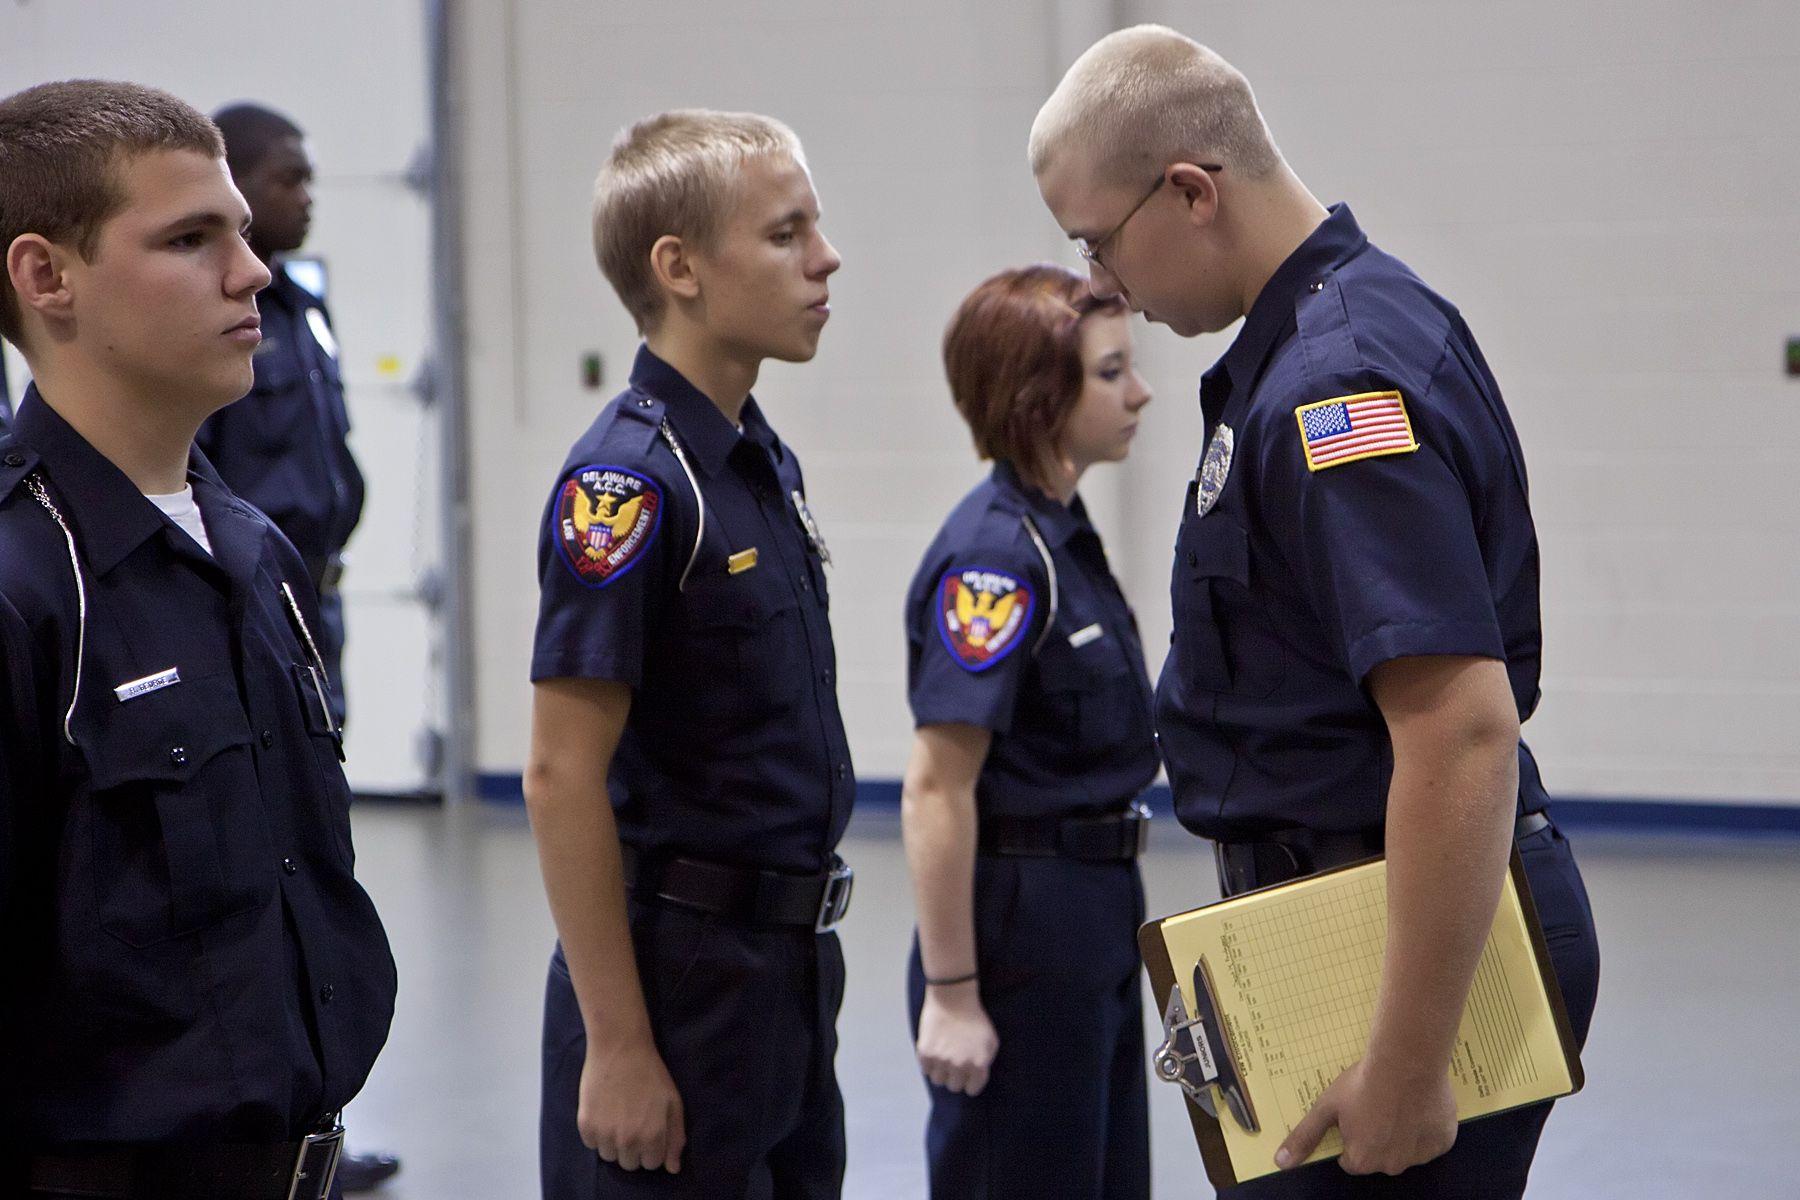 Law Enforcement at DACC Law enforcement, Winter jackets